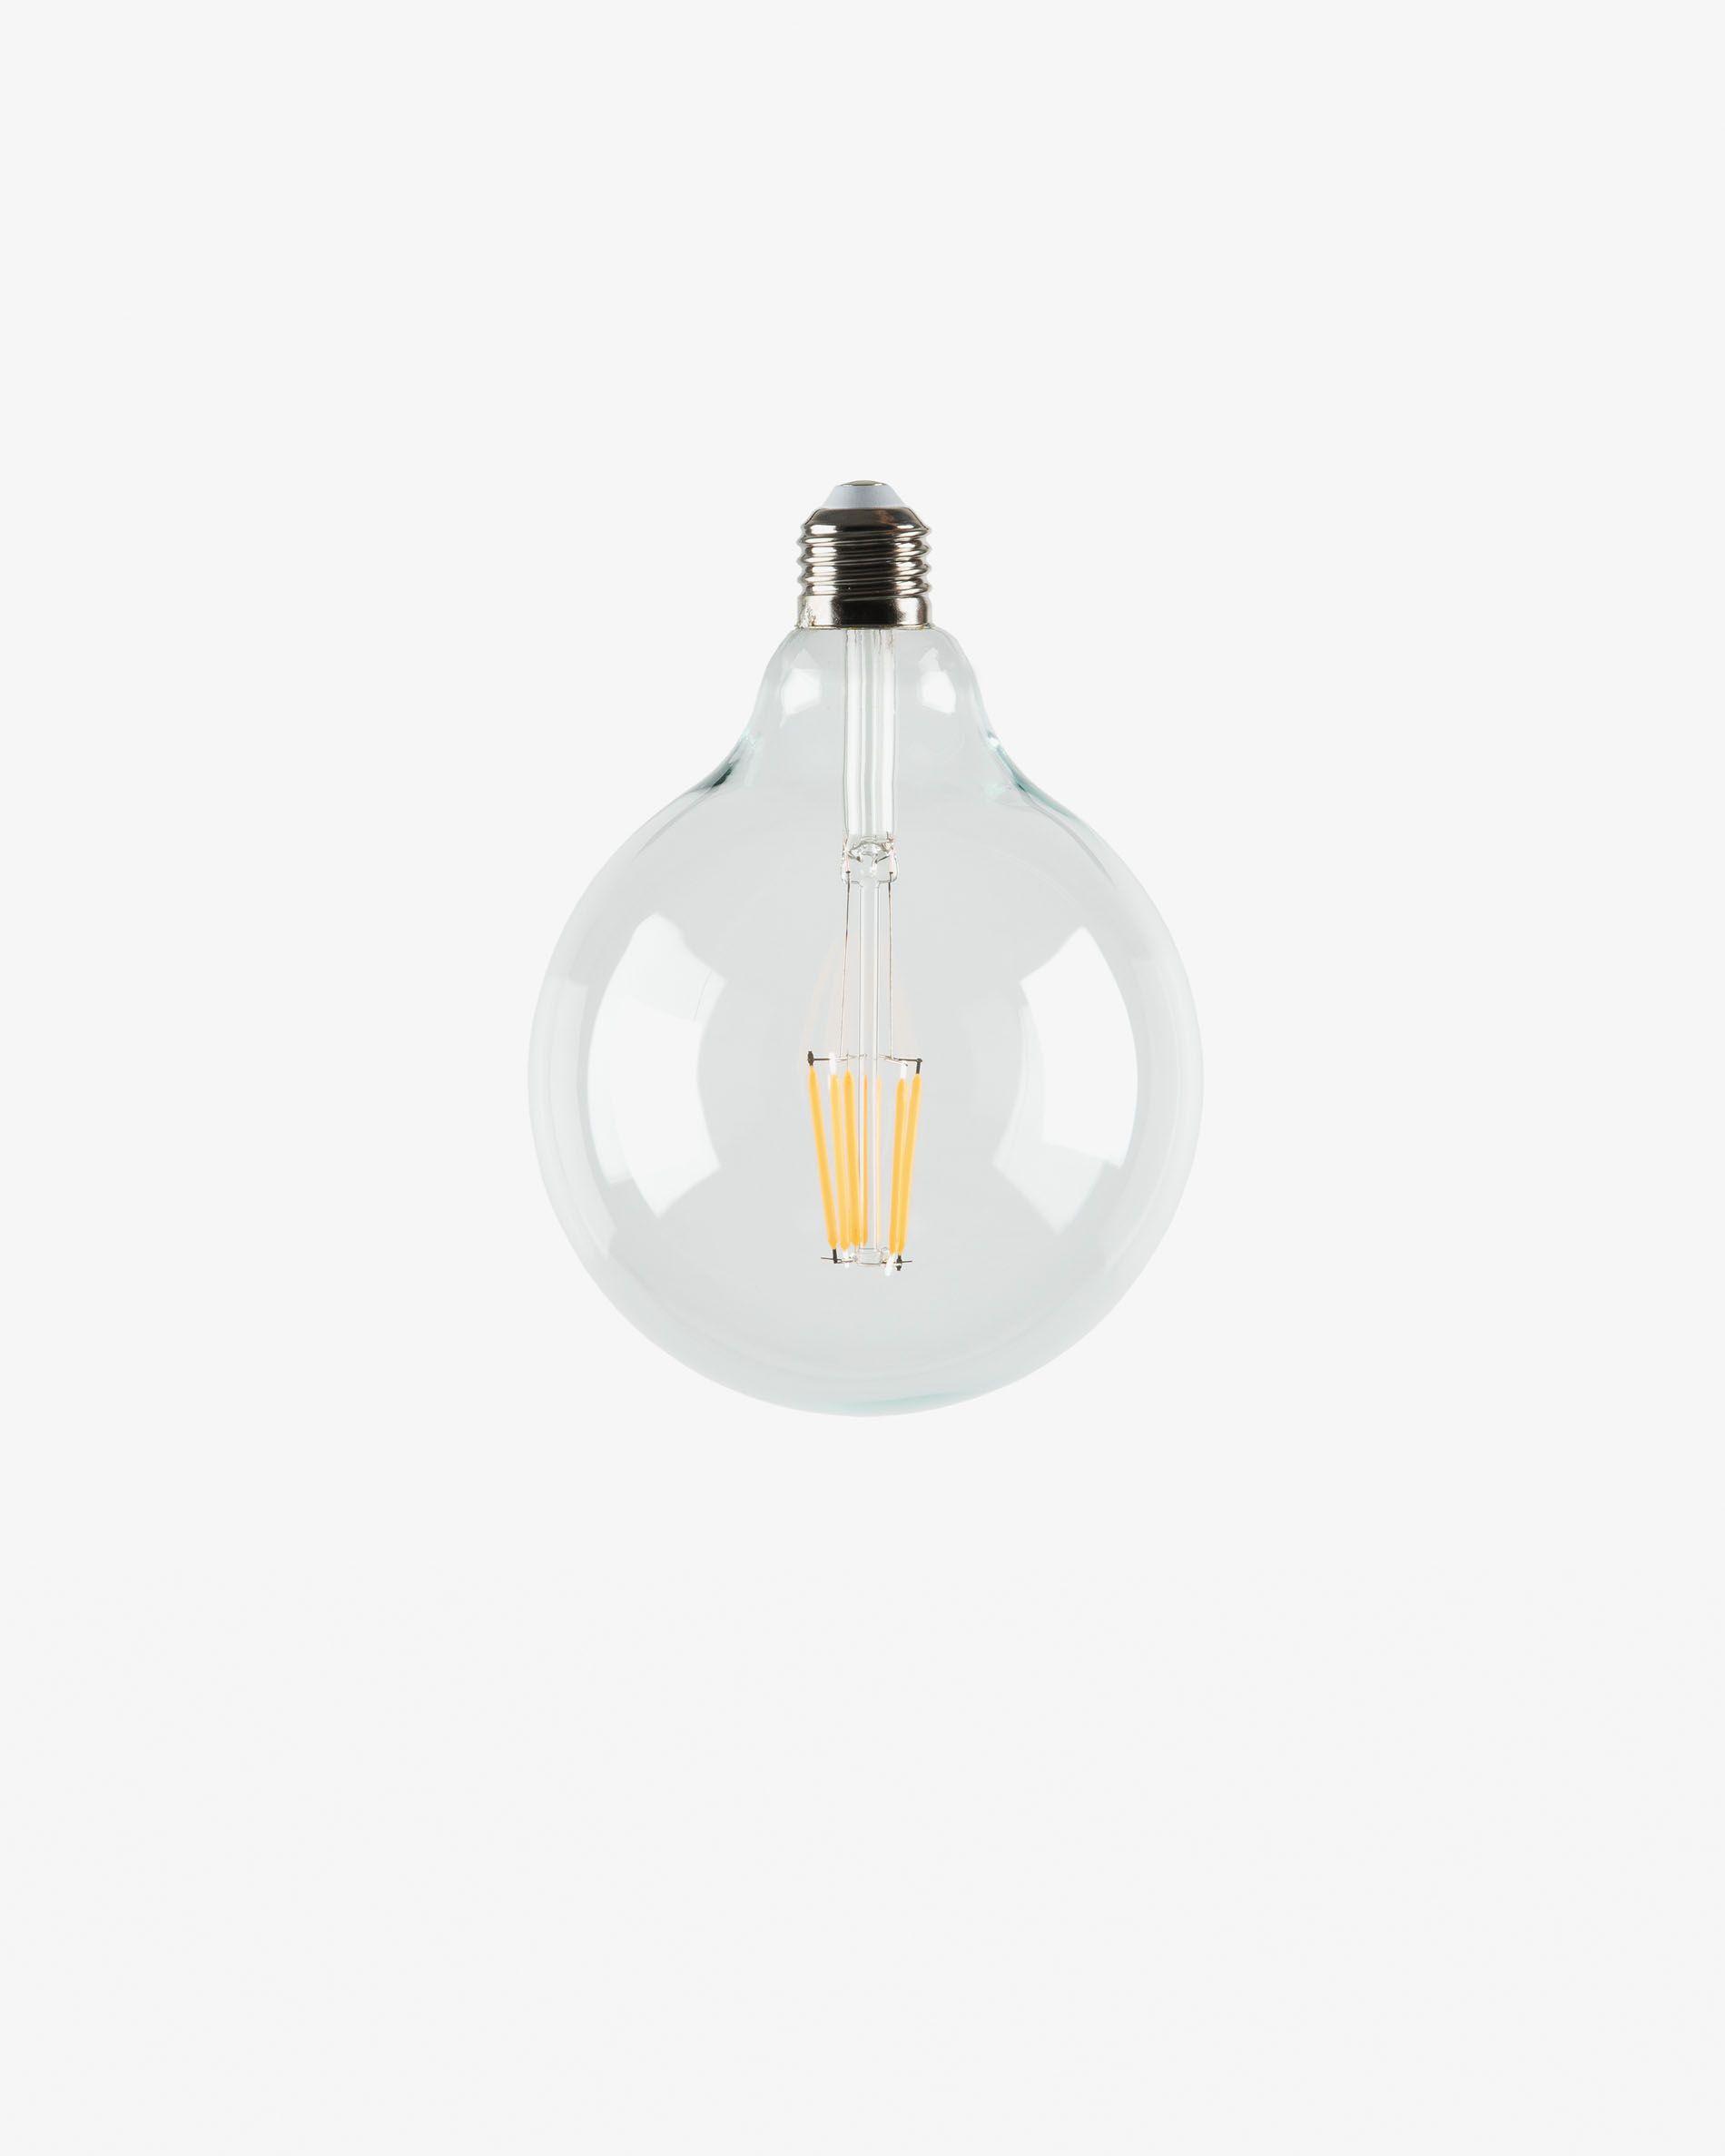 Bombilla LED Bulb E27 de 6W y 120 mm luz cálida